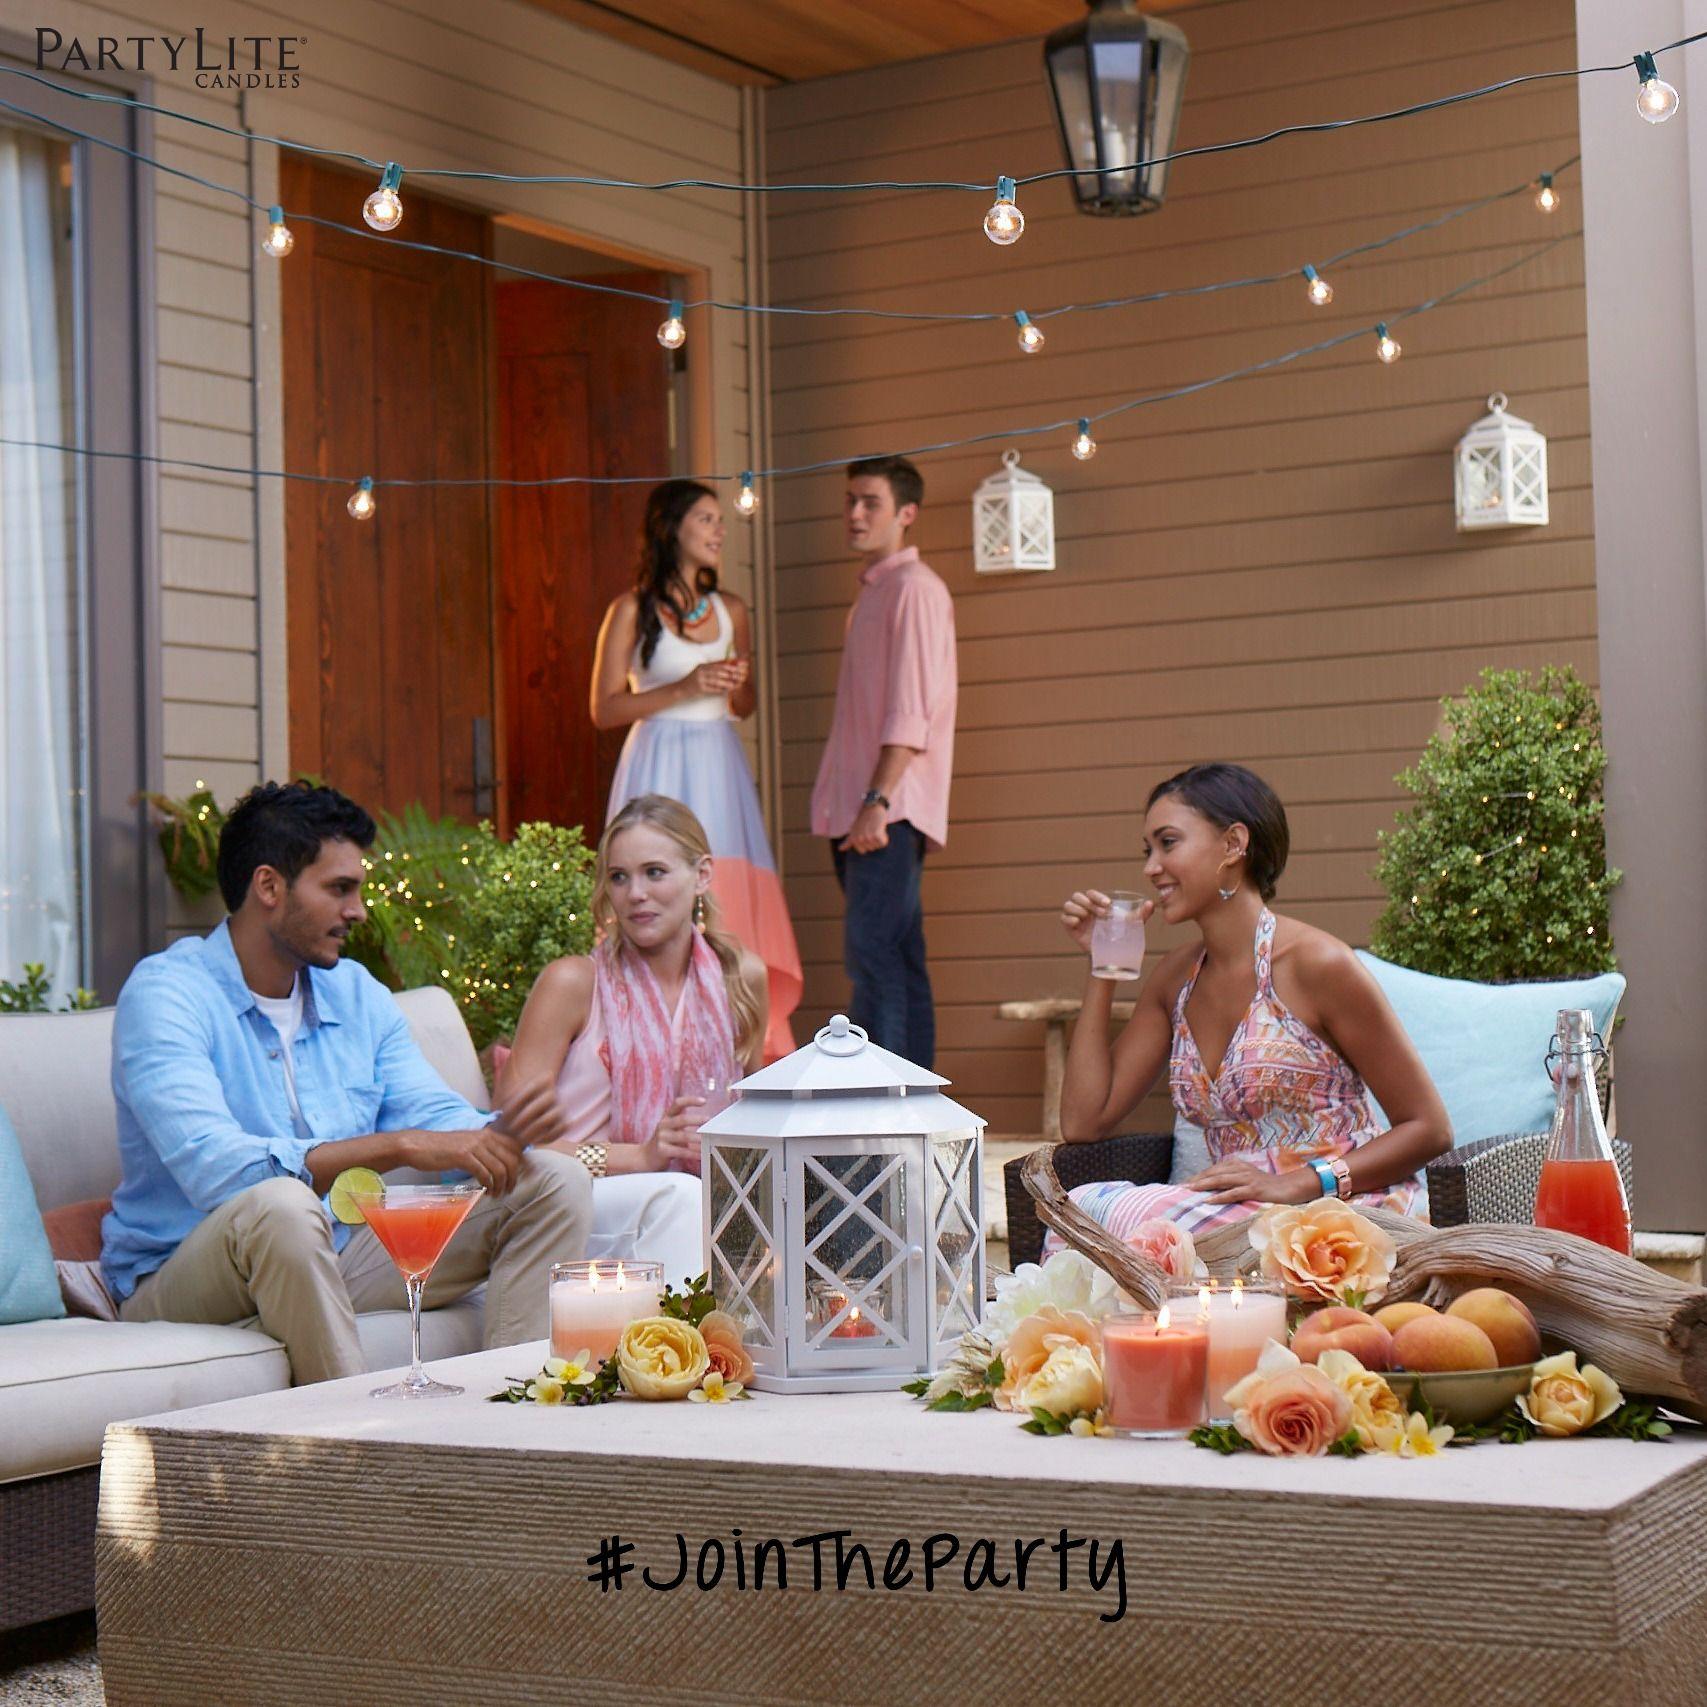 PartyLite tarjoaa sinulle: Lisätuloja, hasukan työn, justavat työajat, ihanat tuotteet, mukavat työkaverit, uramahdollisuuksia  #JoinTheParty ota yhteyttä ja kysy lisää http://www.partylite.fi/fi/ryhdy-konsultiksi/aloita-nyt.html